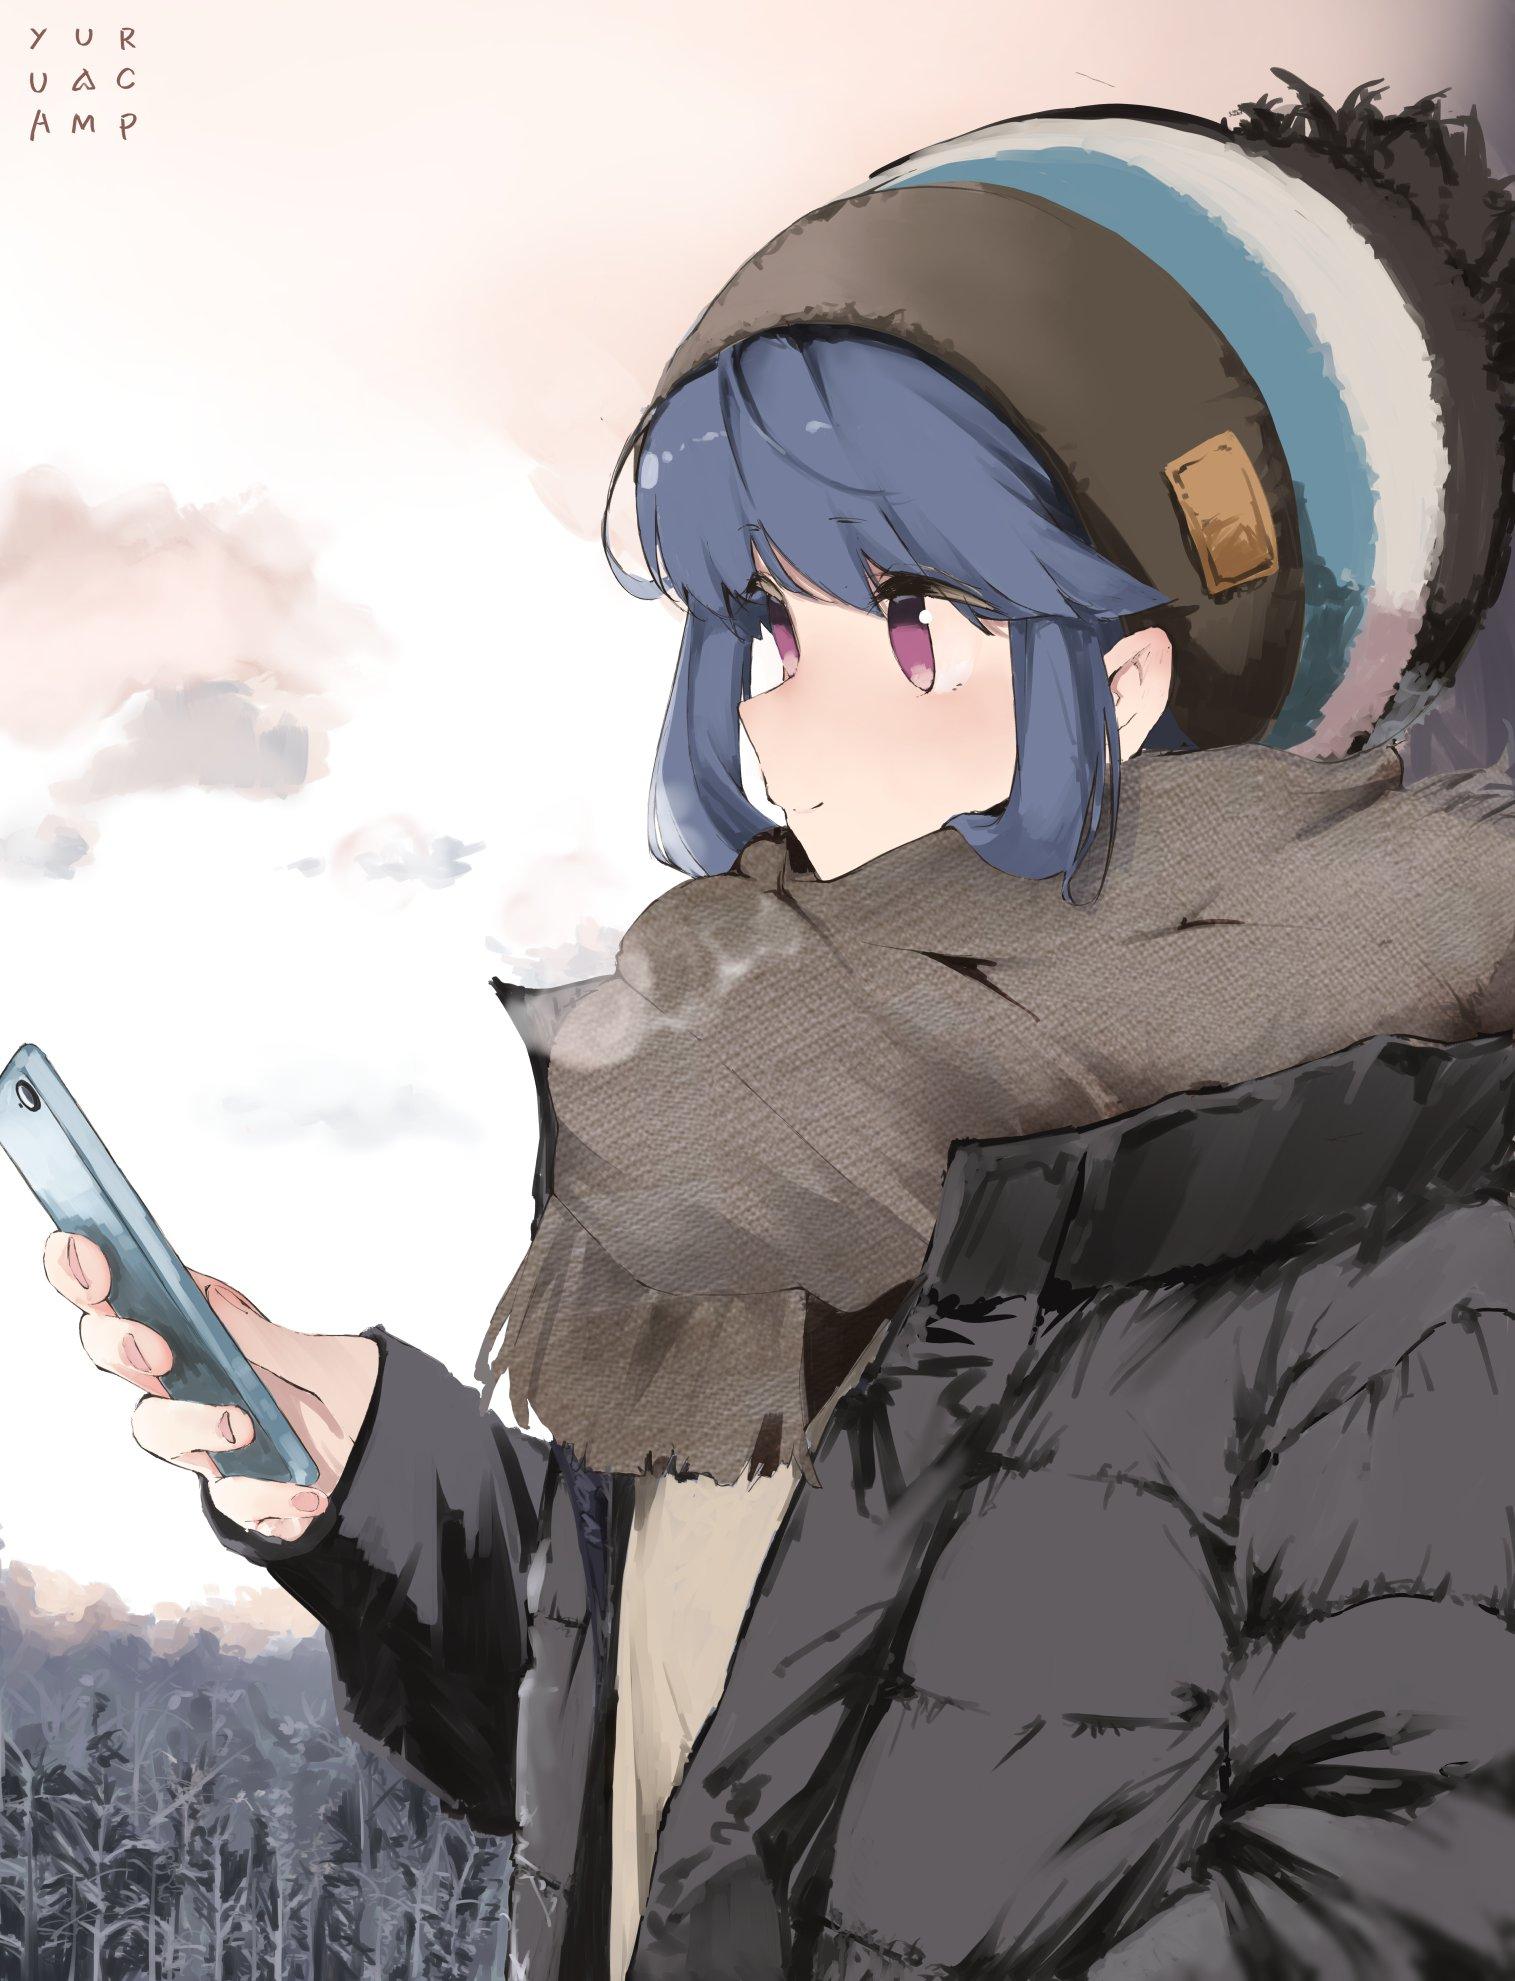 Rin [Yuru Camp]